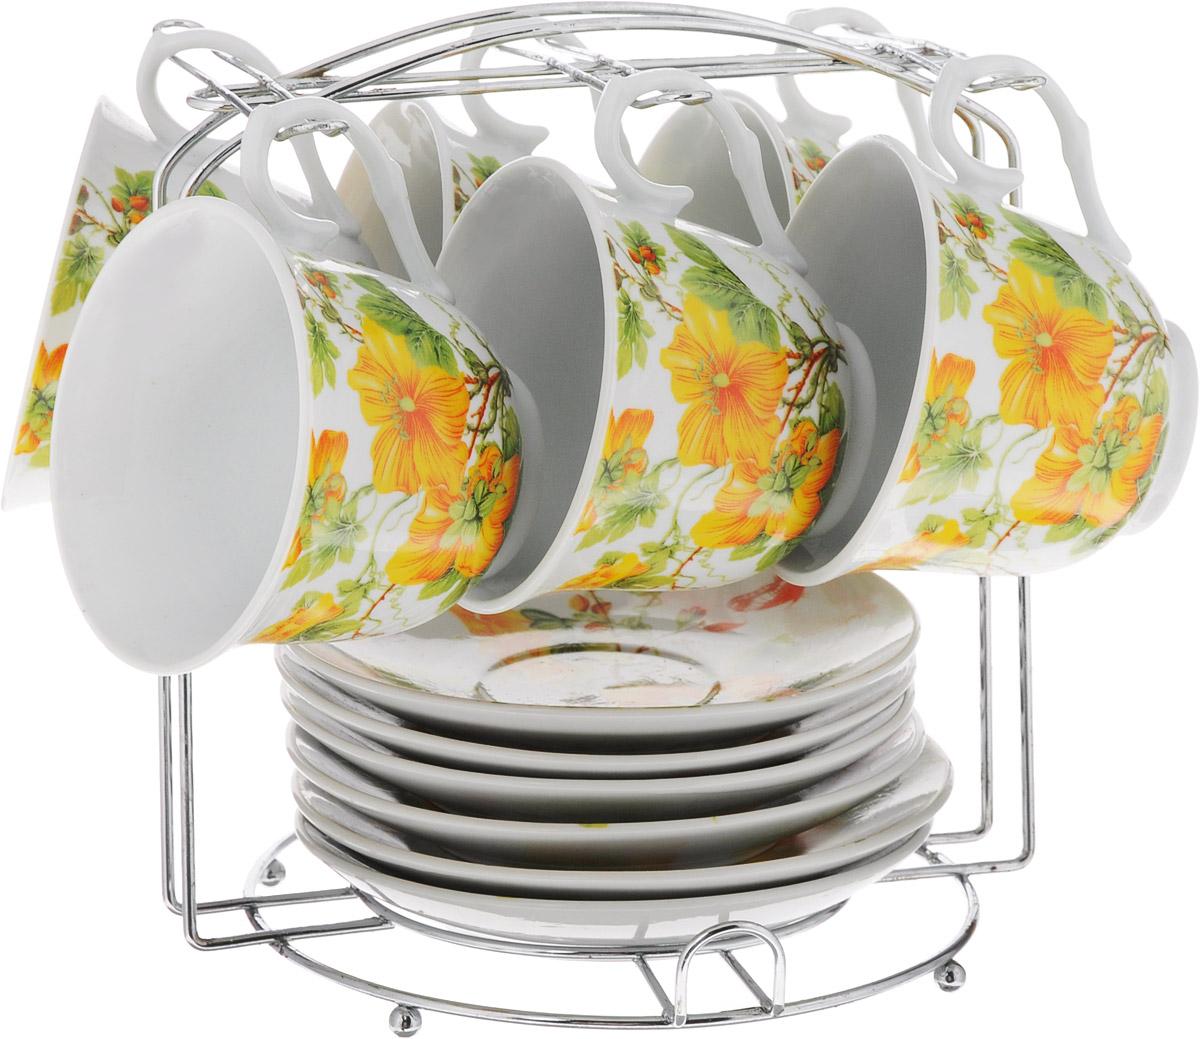 Набор чайный Bella, на подставке, 13 предметов. DL-P6MS-171DL-P6MS-171Набор Bella состоит из шести чашек и шести блюдец, изготовленных из высококачественного фарфора. Чашки оформлены красочным цветочным рисунком. Изделия расположены на металлической подставке. Такой набор подходит для подачи чая или кофе.Изящный дизайн придется по вкусу и ценителям классики, и тем, кто предпочитает утонченность и изысканность. Он настроит на позитивный лад и подарит хорошее настроение с самого утра. Чайный набор Bella - идеальный и необходимый подарок для вашего дома и для ваших друзей в праздники.Рекомендуется мыть вручную с применением любых моющих средств, предназначенных для мытья посуды и стекла. Кроме абразивных средств, так как может привести к появлению царапин на поверхности изделия и, соответственно, к ухудшению его внешнего вида.Объем чашки: 250 мл. Диаметр чашки (по верхнему краю): 9 см. Высота чашки: 7,3 см. Диаметр блюдца: 13,5 см. Высота блюдца: 2 см.Размер подставки: 19 х 17,5 х 20 см.